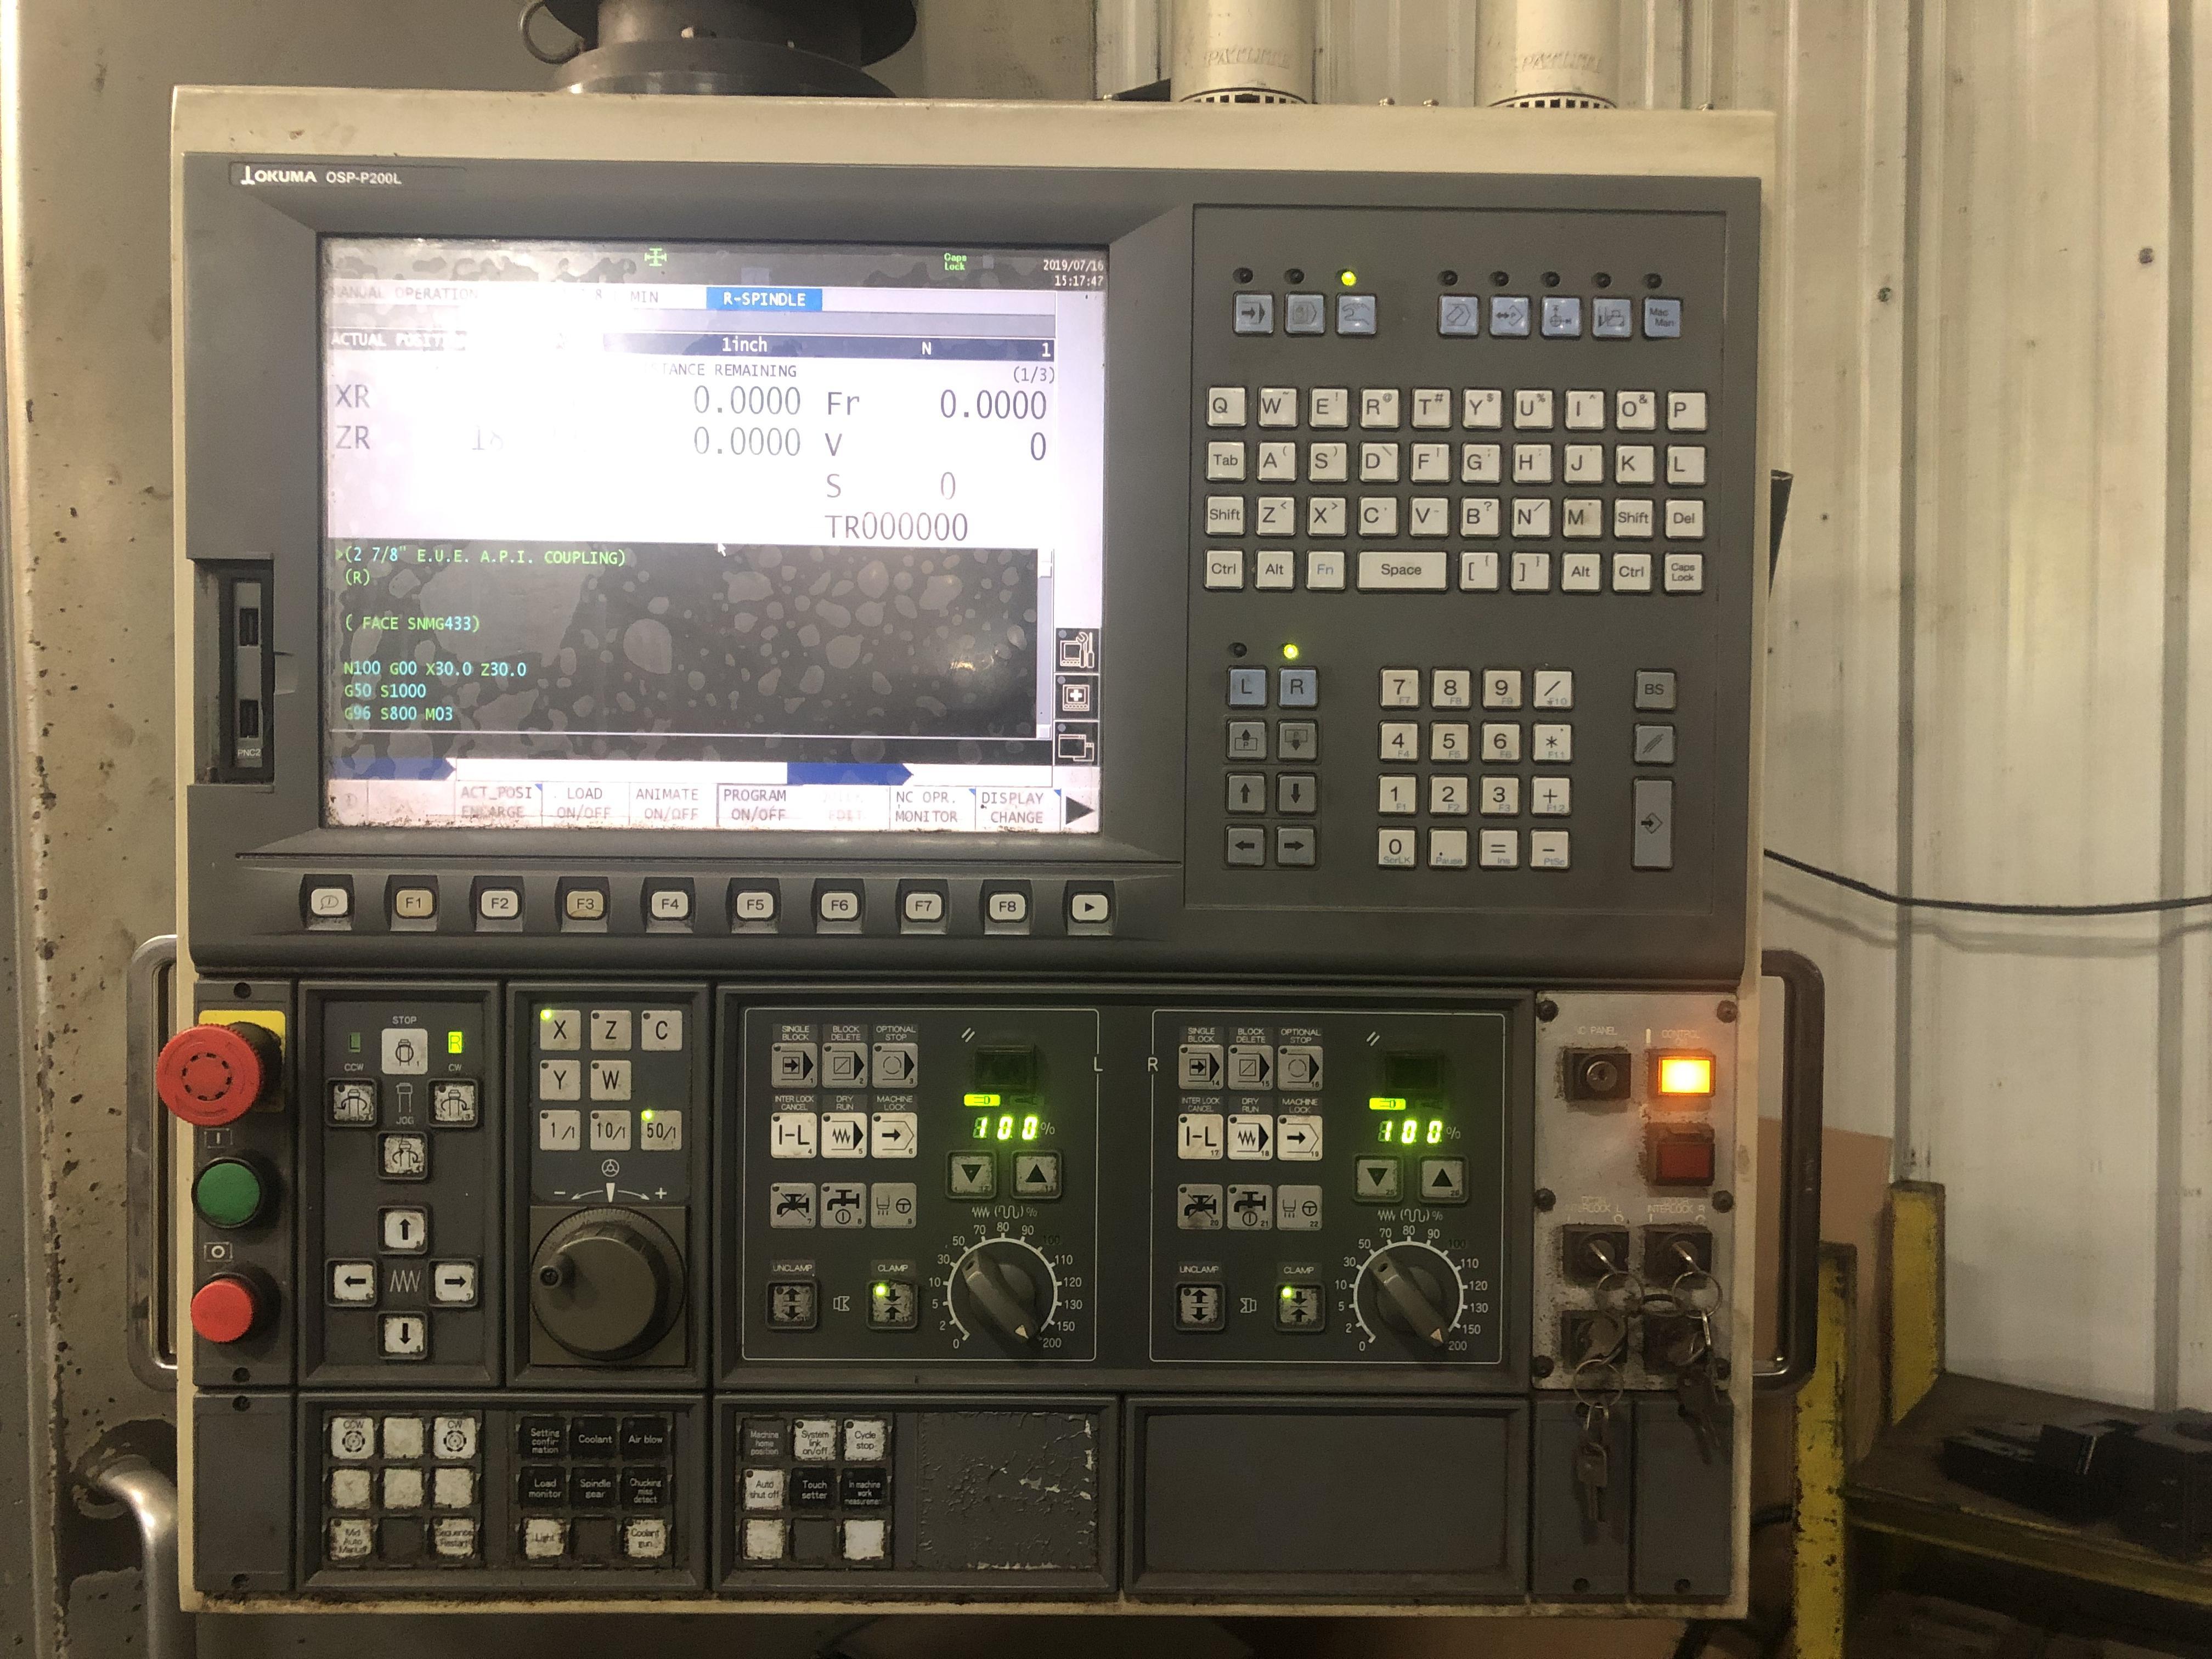 2011 Okuma 2SP-V40 – CNC Vertical Turret Lathe | Tramar